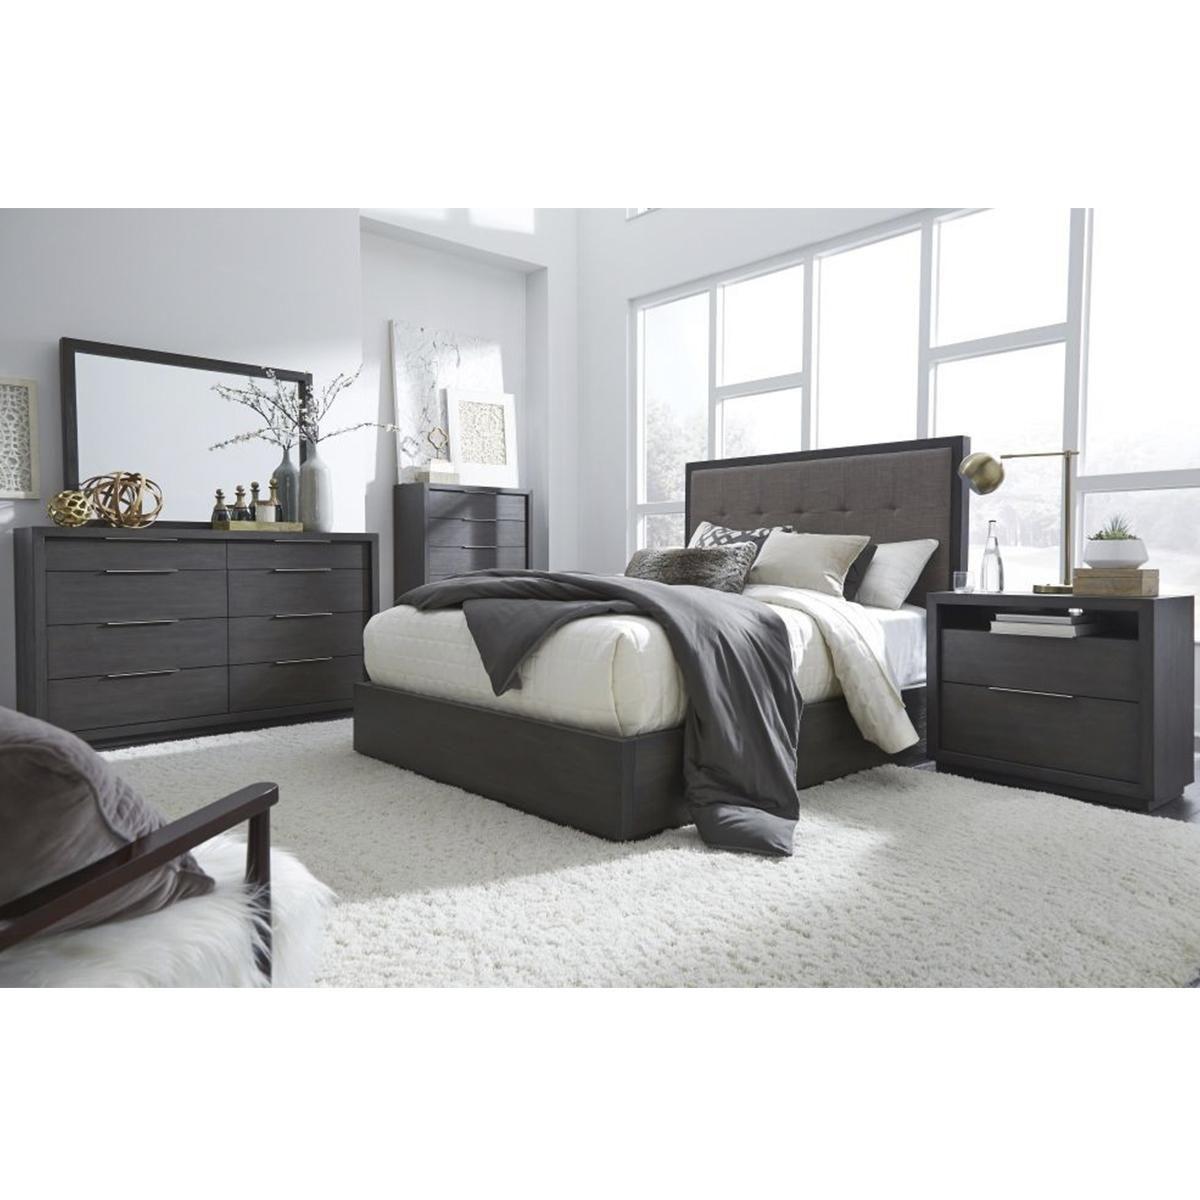 Best Living Essentials Oxford 4 Piece King Bedroom Set In 400 x 300